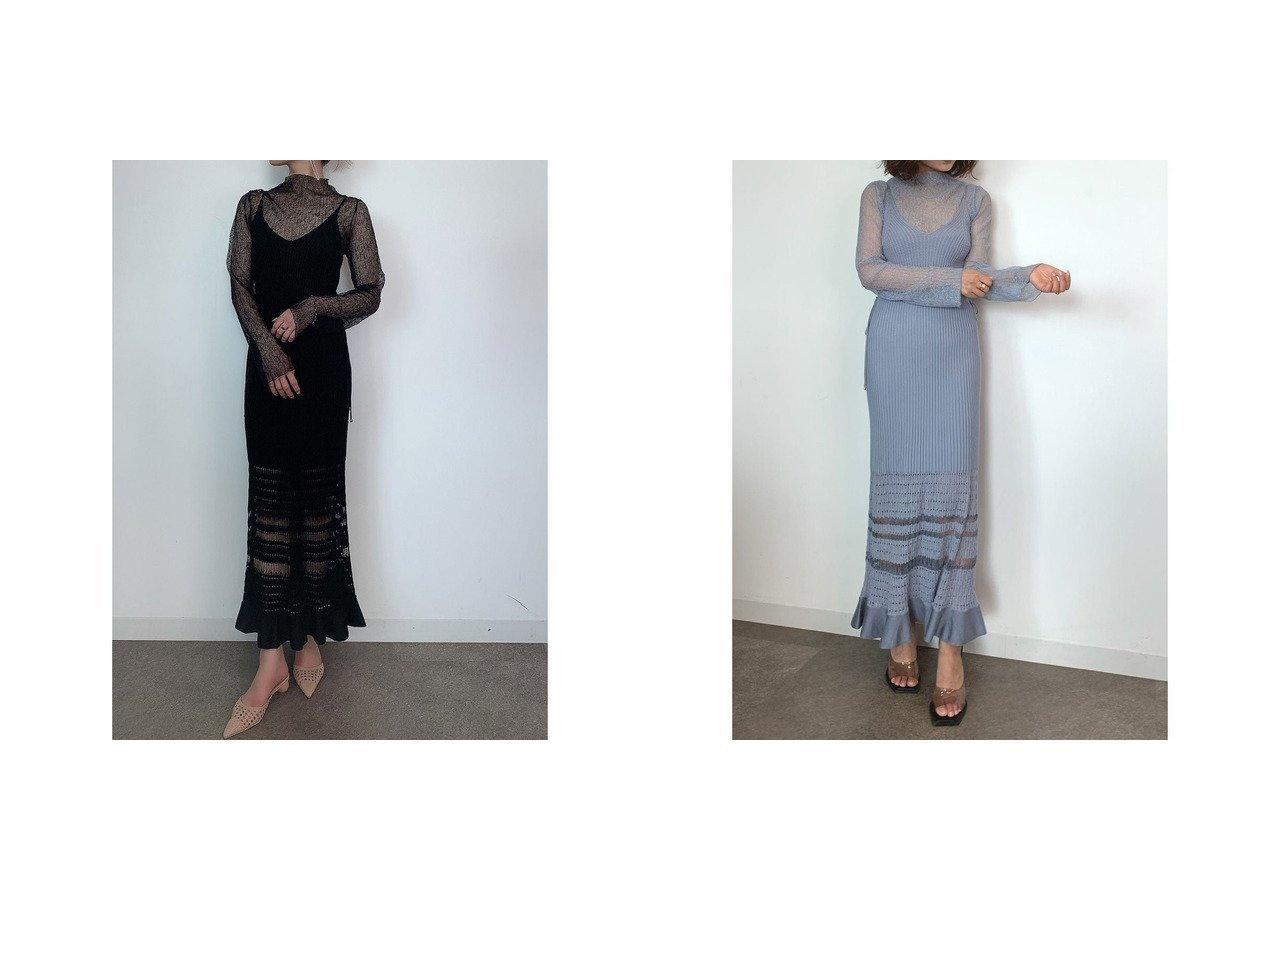 【eimy istoire/エイミーイストワール】のshine openwork ニットキャミワンピースセット 【ワンピース・ドレス】おすすめ!人気、トレンド・レディースファッションの通販 おすすめで人気の流行・トレンド、ファッションの通販商品 インテリア・家具・メンズファッション・キッズファッション・レディースファッション・服の通販 founy(ファニー) https://founy.com/ ファッション Fashion レディースファッション WOMEN ワンピース Dress キャミワンピース No Sleeve Dresses チュール モチーフ 切替 透かし  ID:crp329100000045353